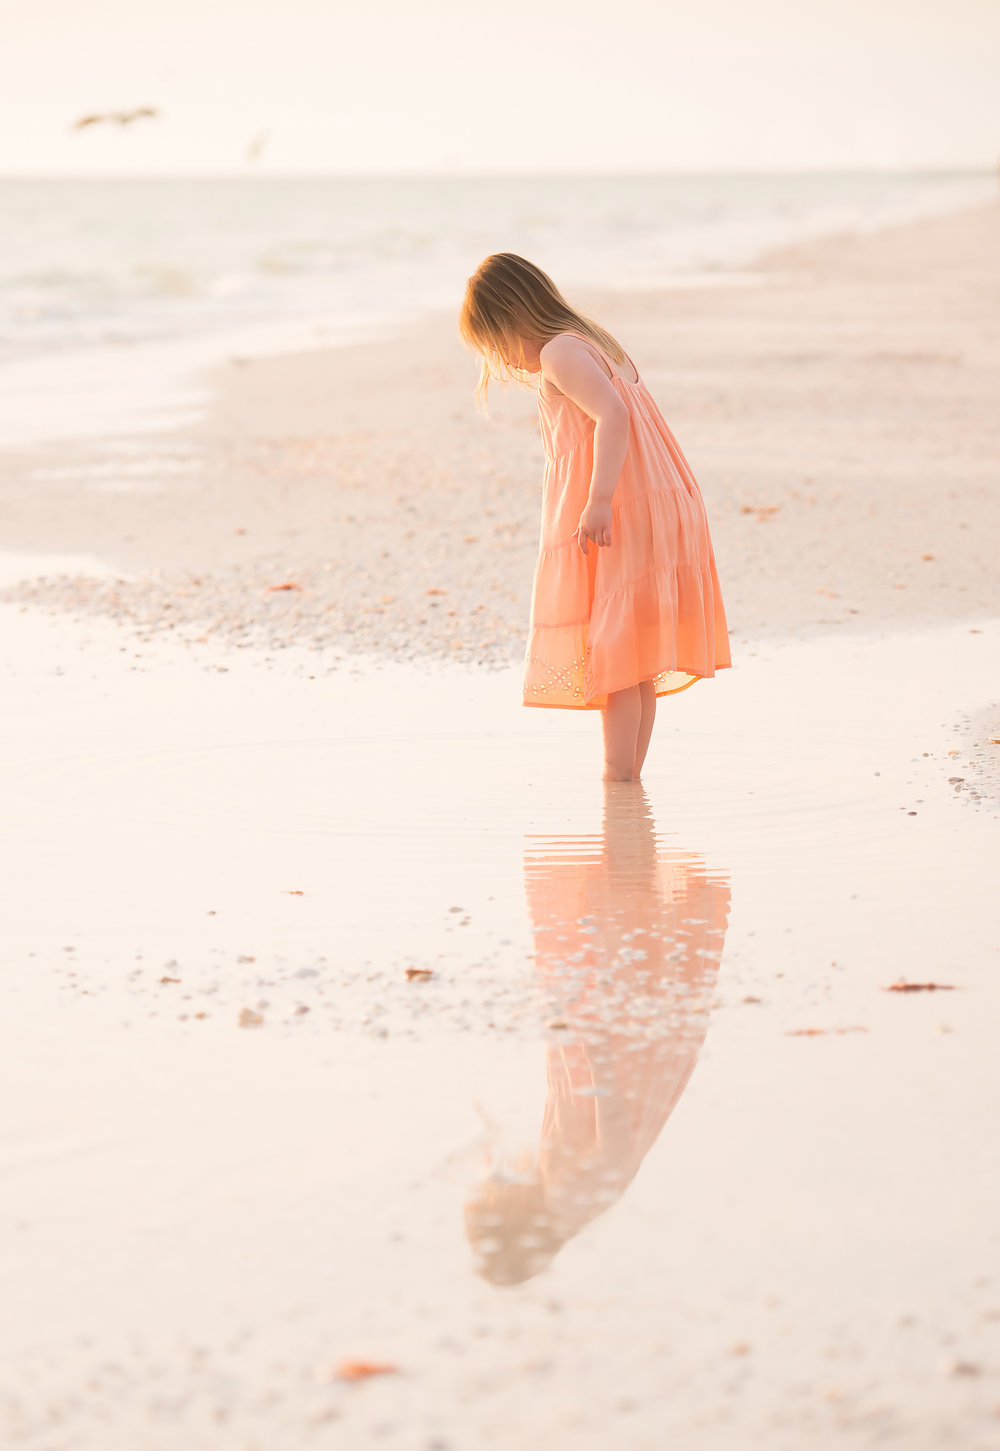 Beach_03262018_005.jpg